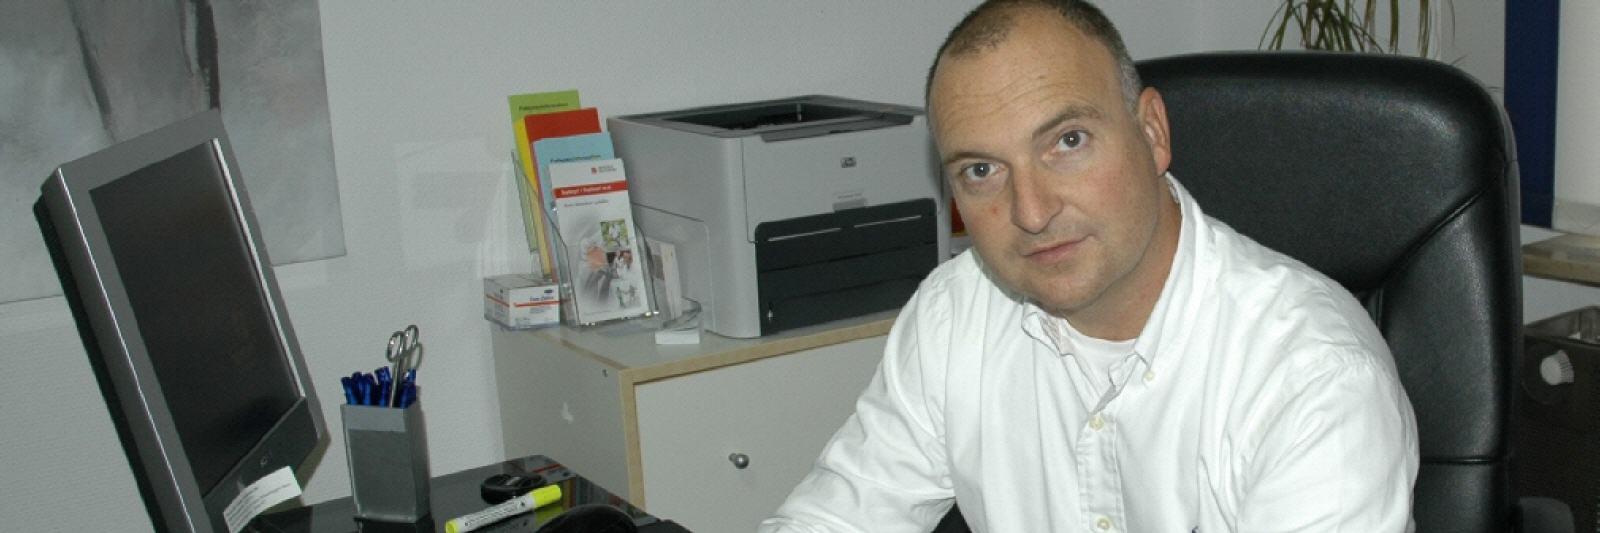 Dr Castenholz Frankfurt